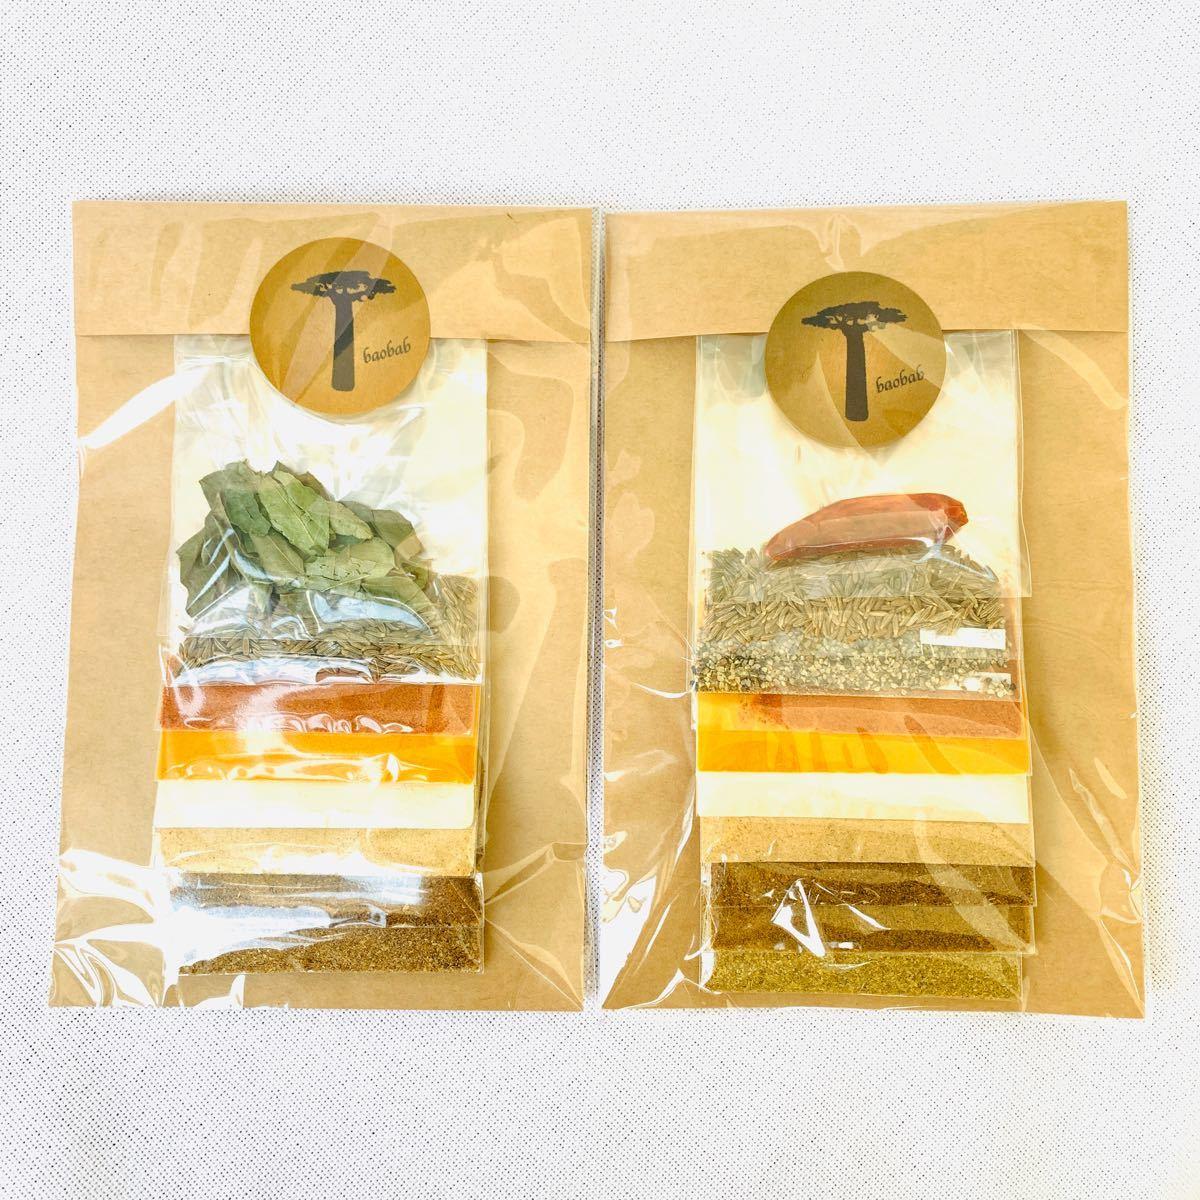 よりどり2袋 スパイスセット レシピ付 グルテンフリー スパイスカレー